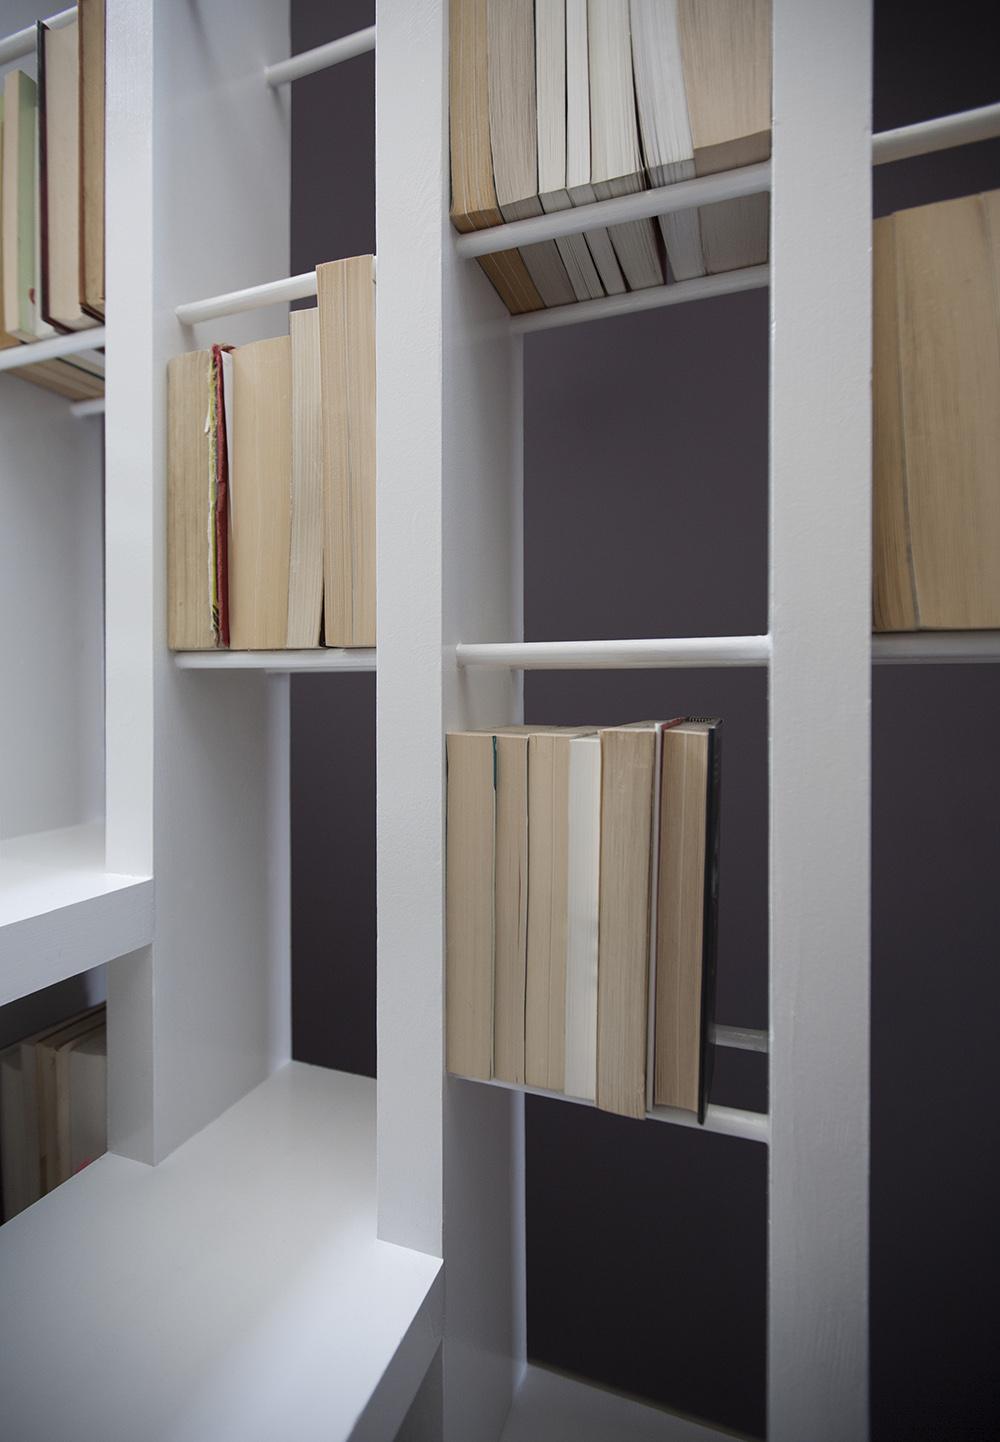 Stepenice i kućna knjižnica u jednom  MojStan.net